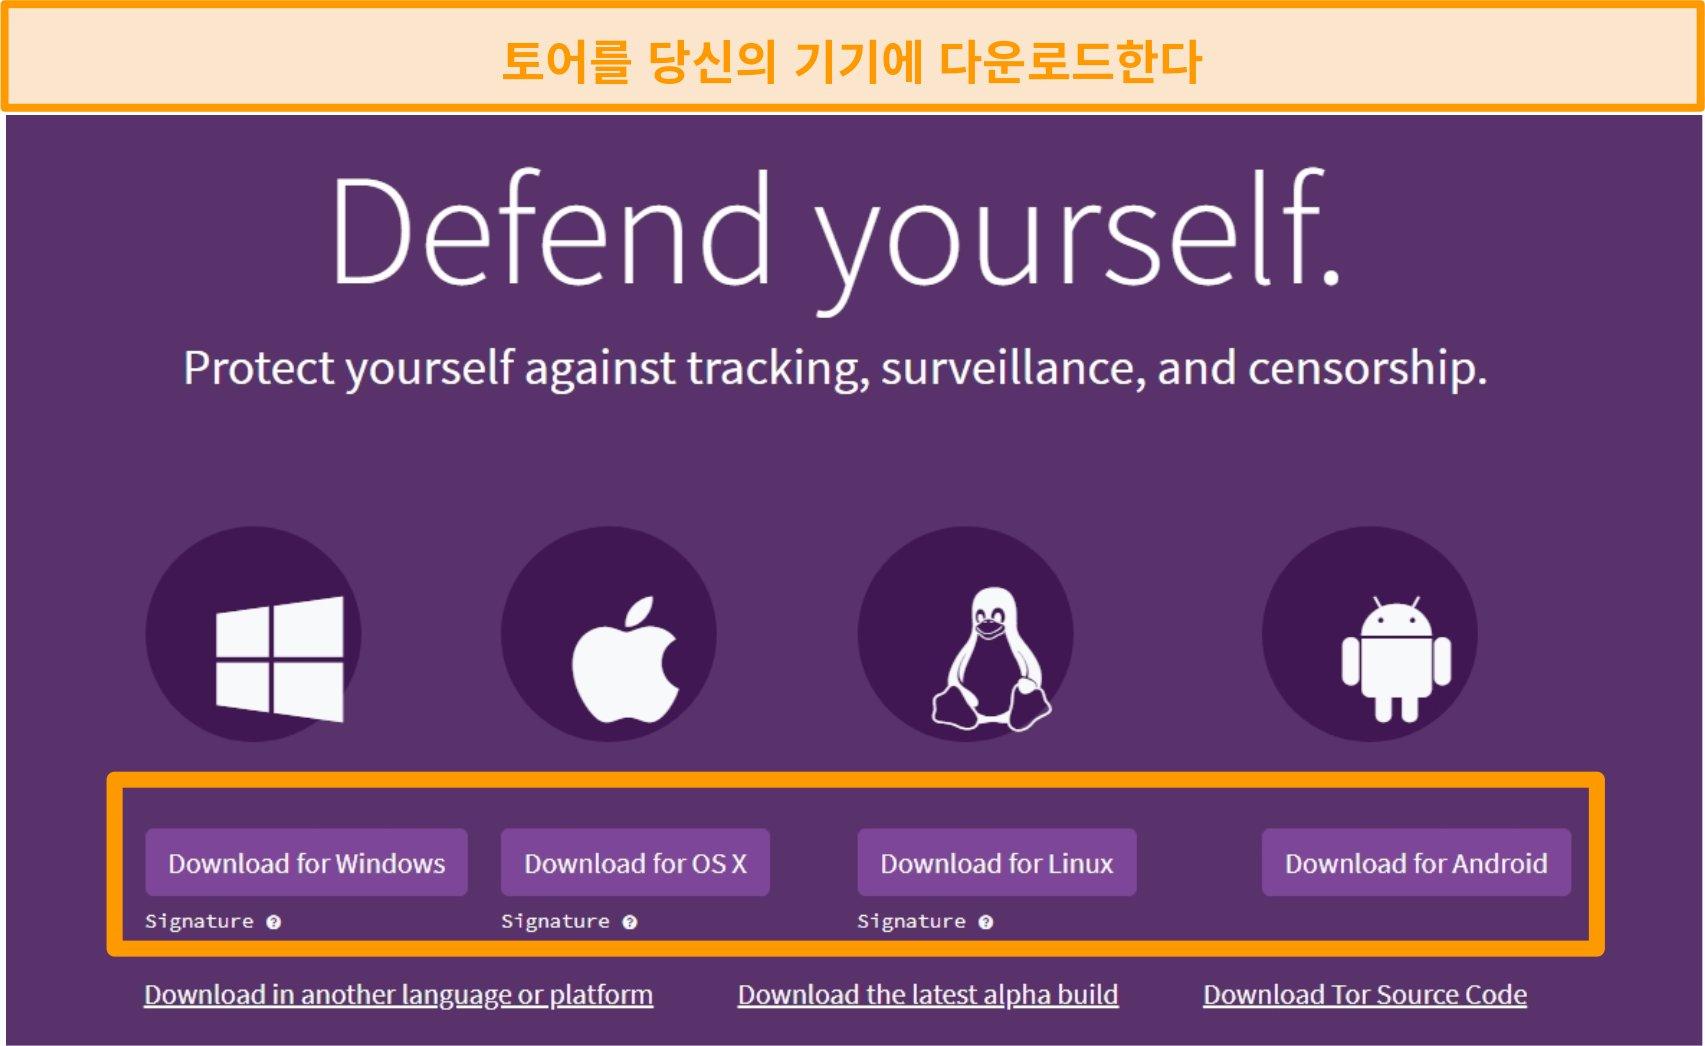 Tor 프로젝트 다운로드 페이지 개요 스크린 샷